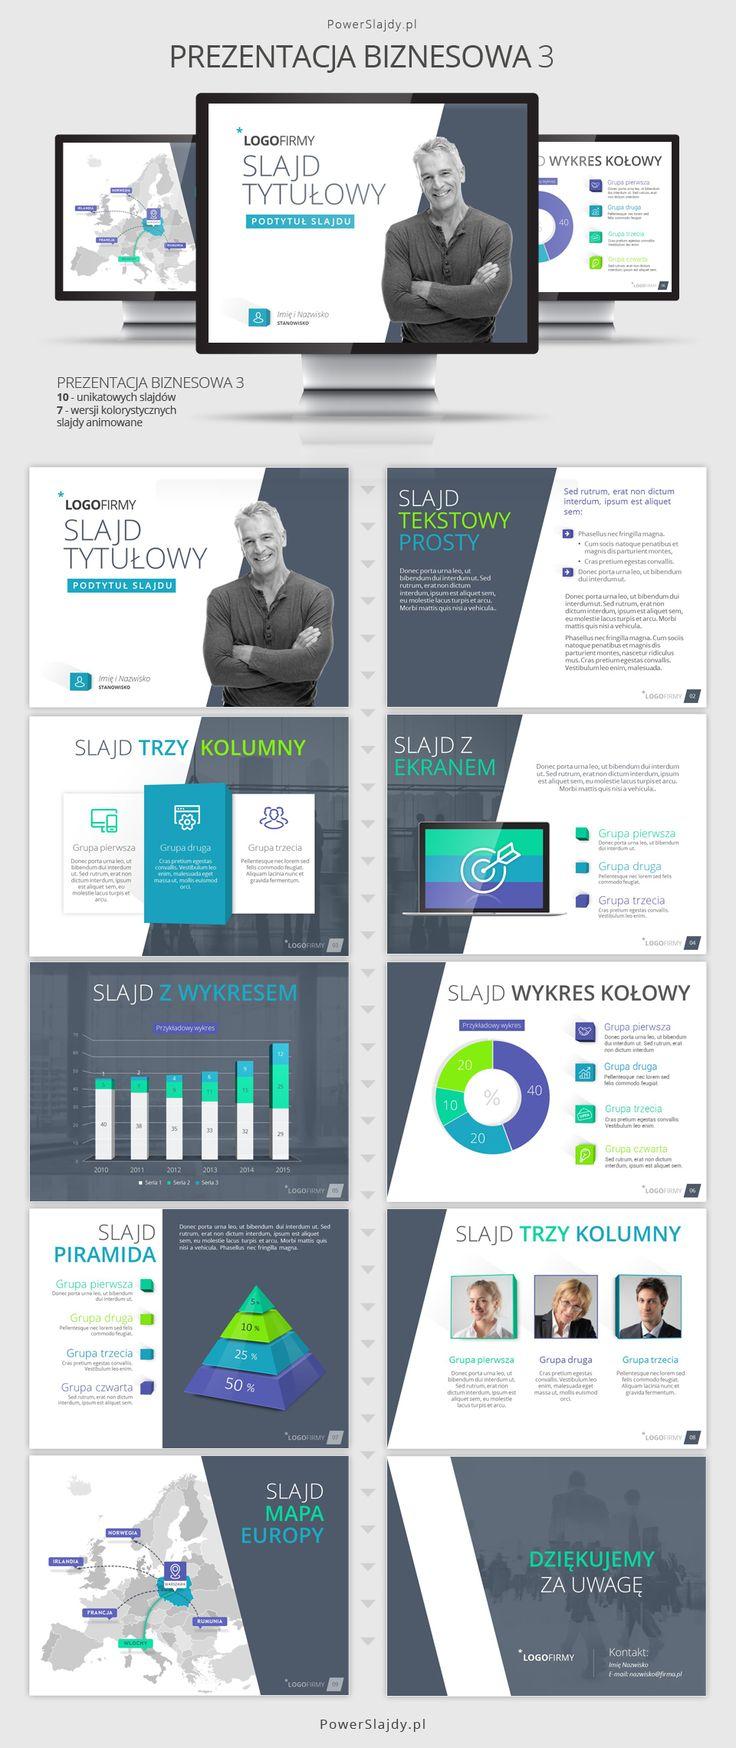 Prezentacja biznesowa 3 w Power Point http://www.powerslajdy.pl/pl/p/Prezentacja-biznesowa-3/93